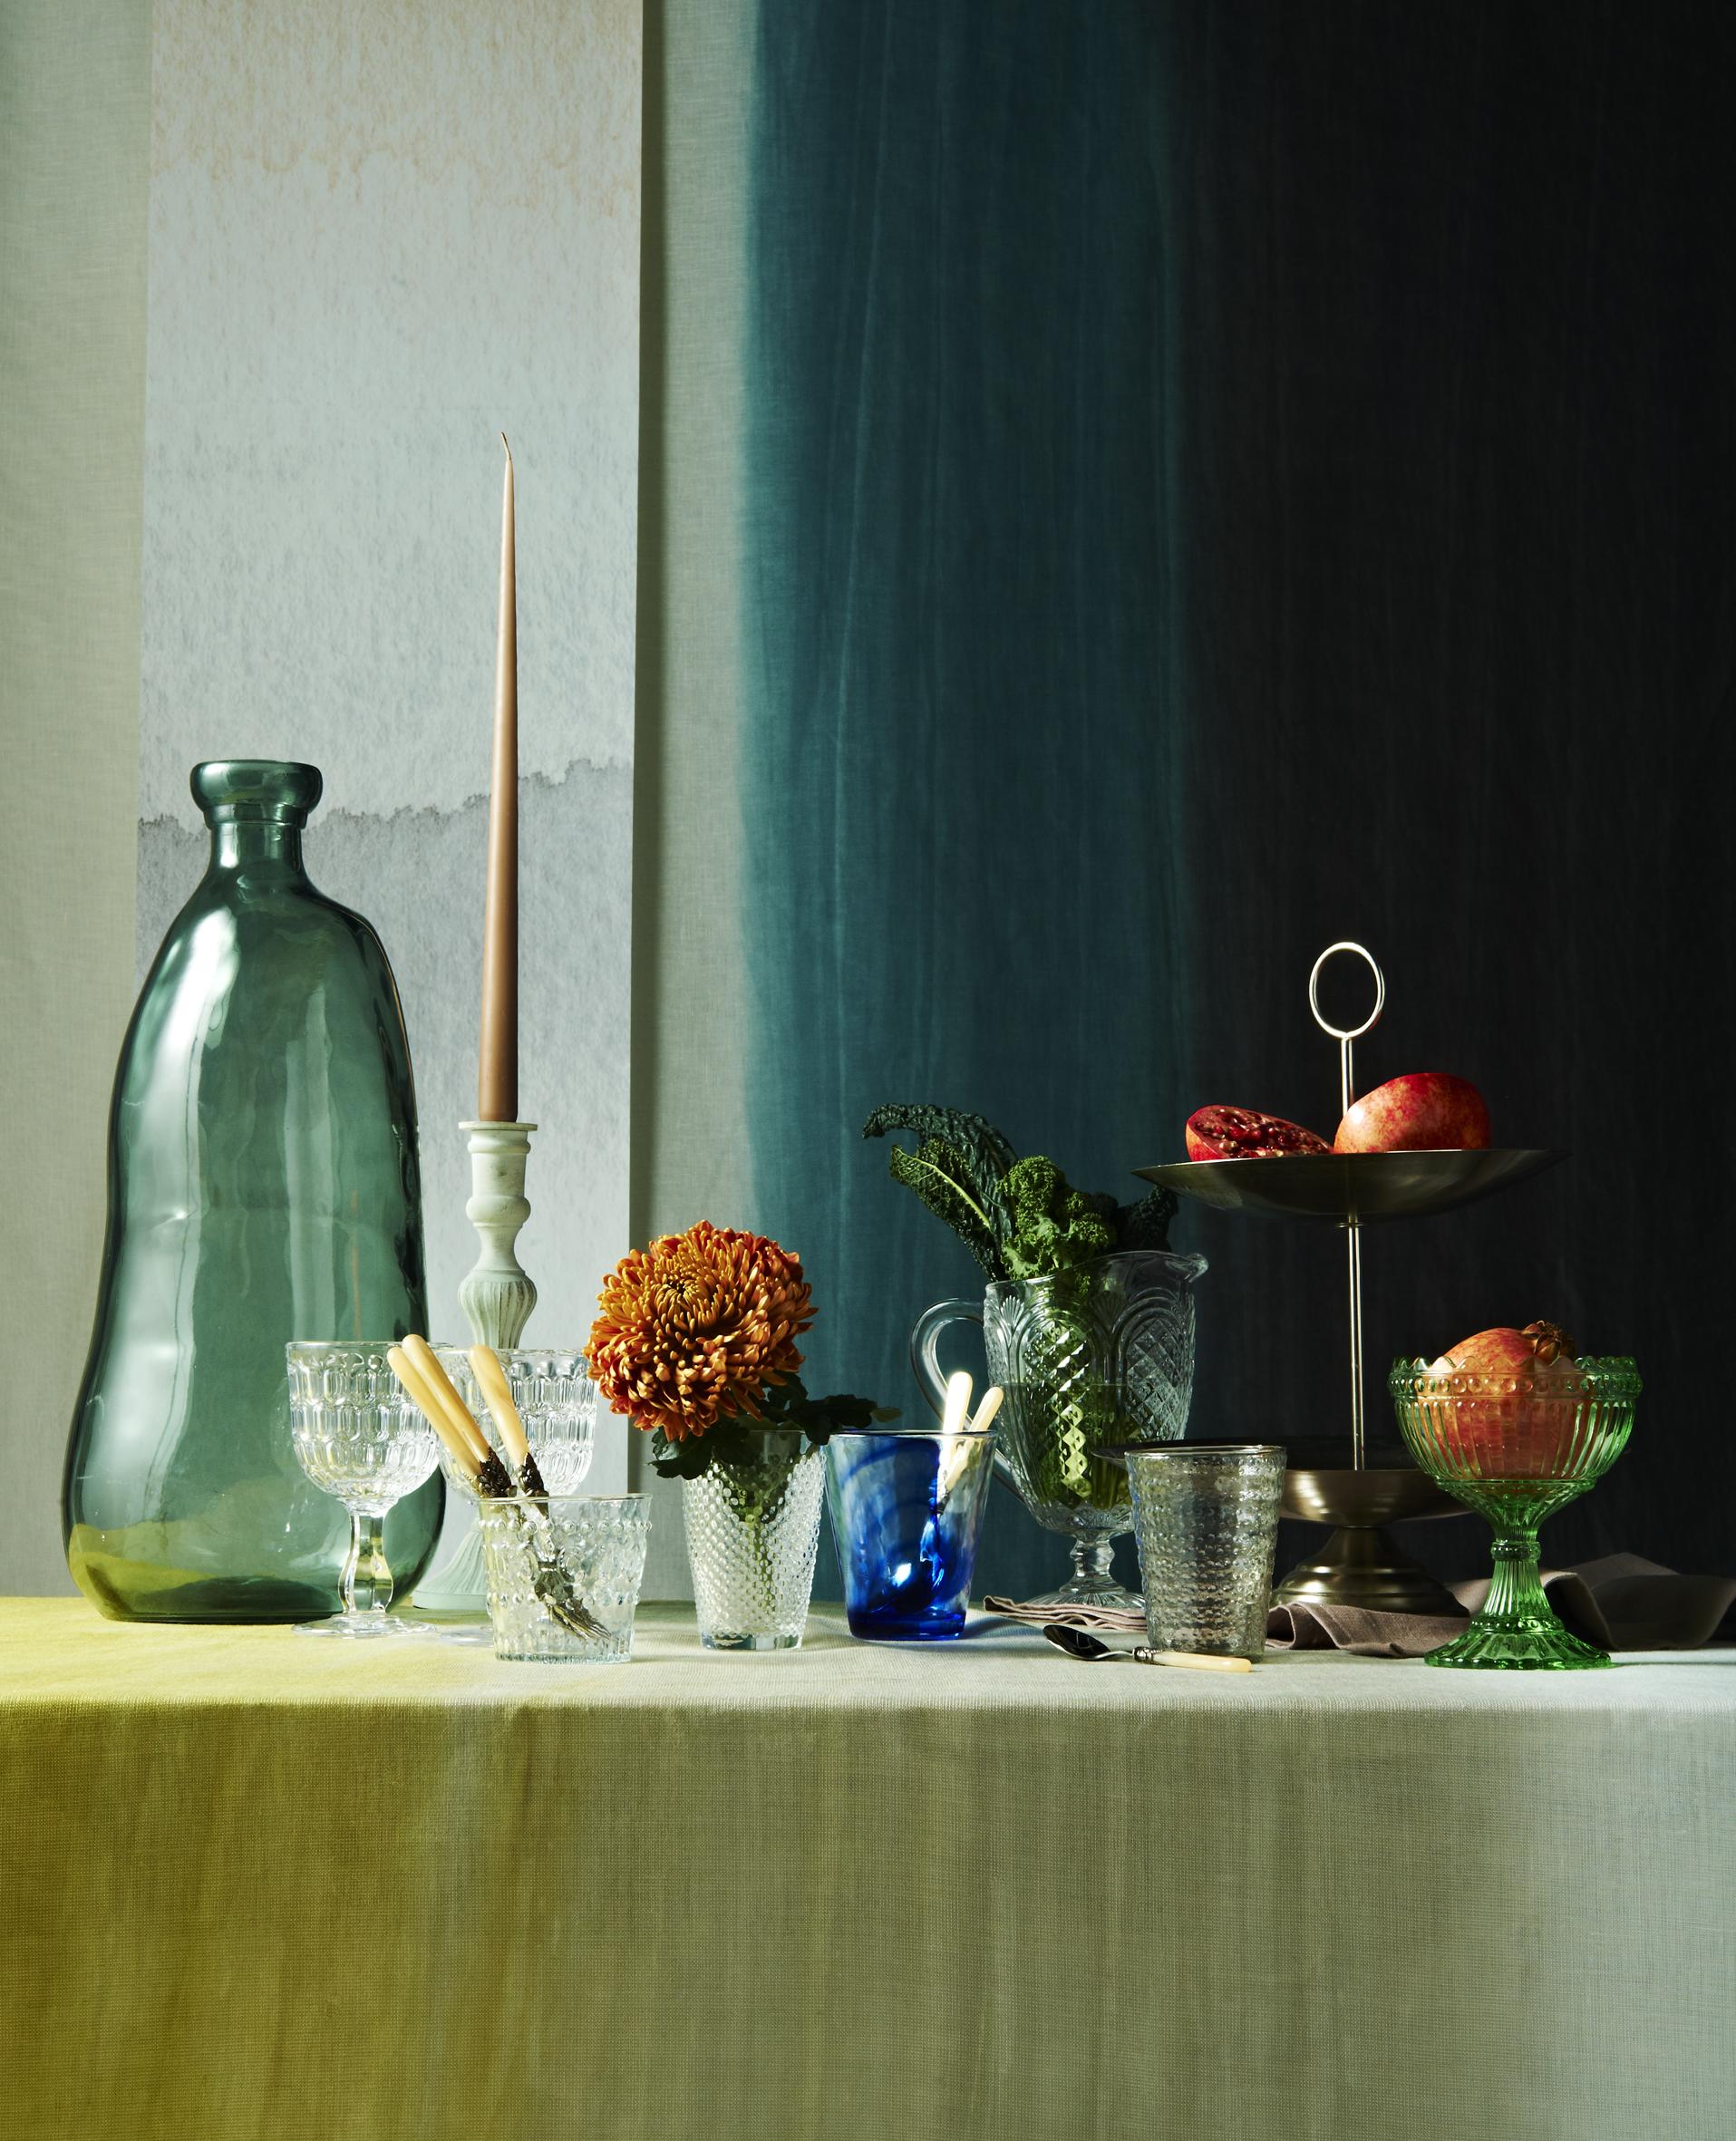 YOU-artisan kitchen-4 low res.jpg